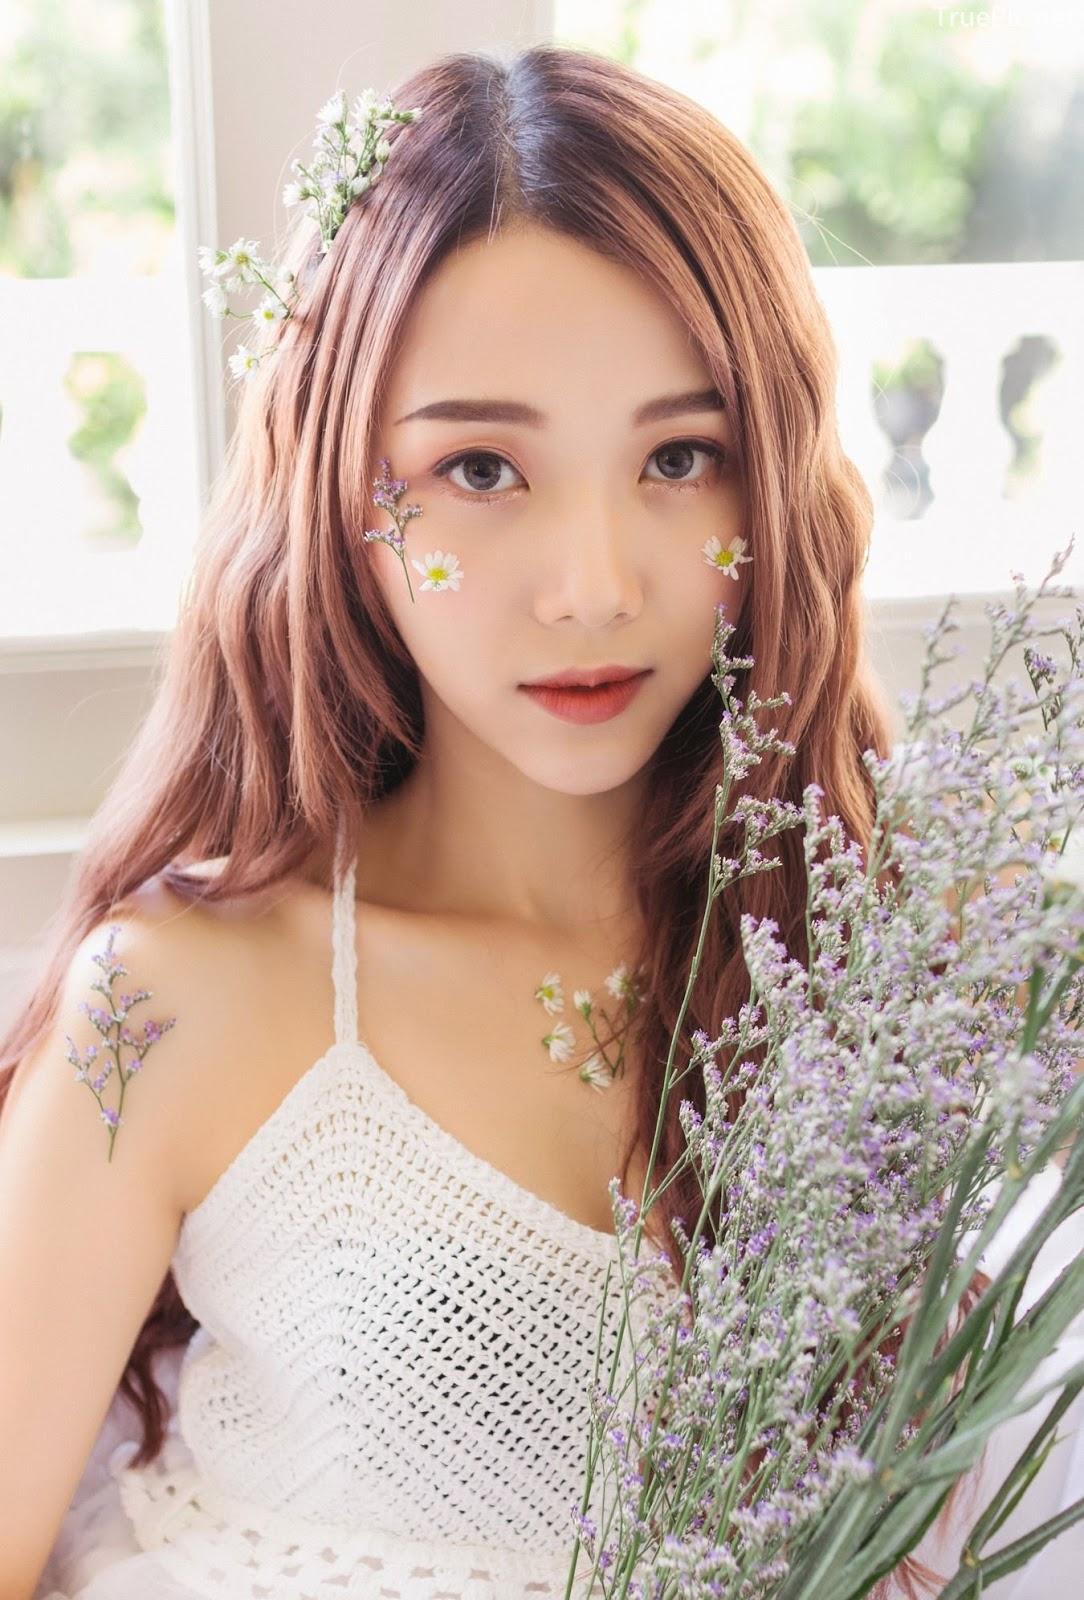 Thailand beautiful model Popor Saechur with photo album Little Princess - Picture 5